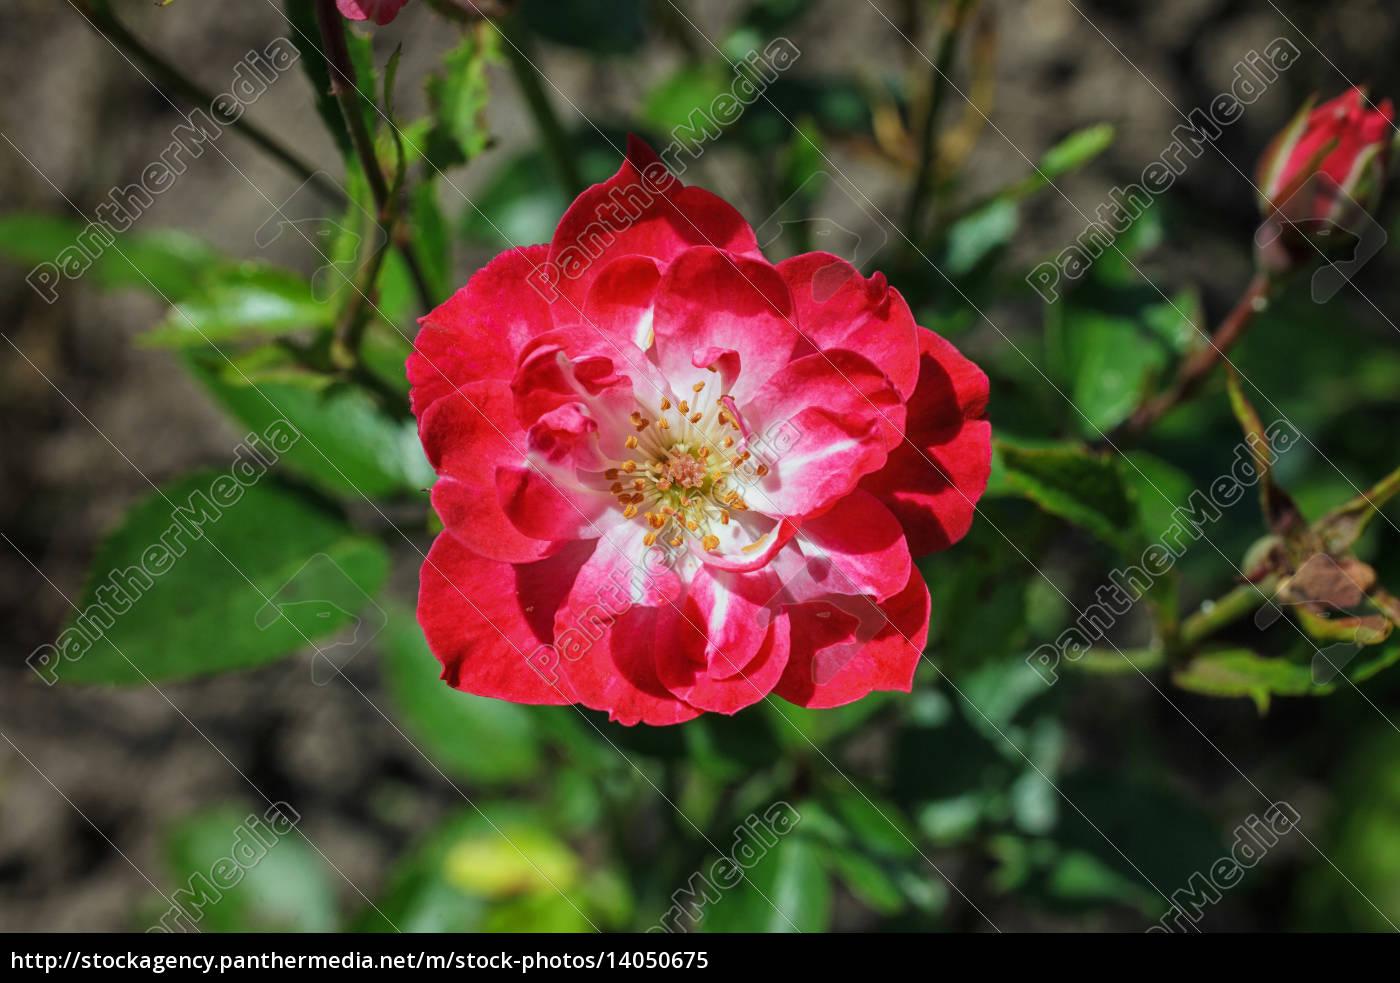 pink, rose, in, , flower, garden - 14050675